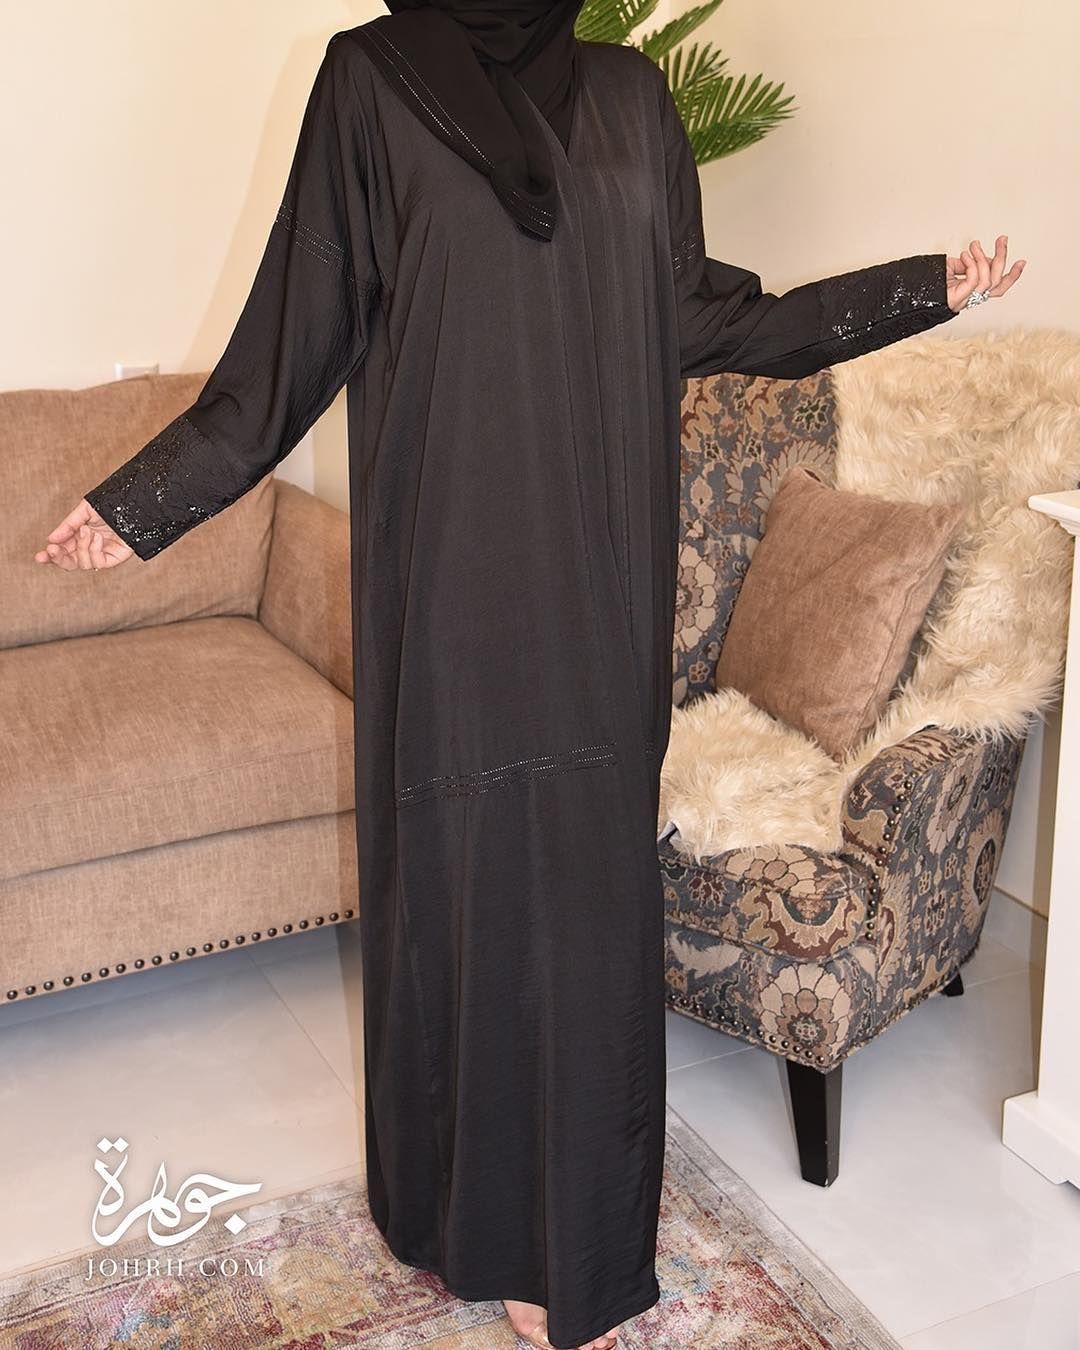 عباية بقماش الحرير المغسول بلون الأسود رائع بأكمام ضيقة يزينها ثلاث خطوط لامعة مع قماش مميز في أطرافها رقم المو Dresses With Sleeves Long Sleeve Dress Fashion